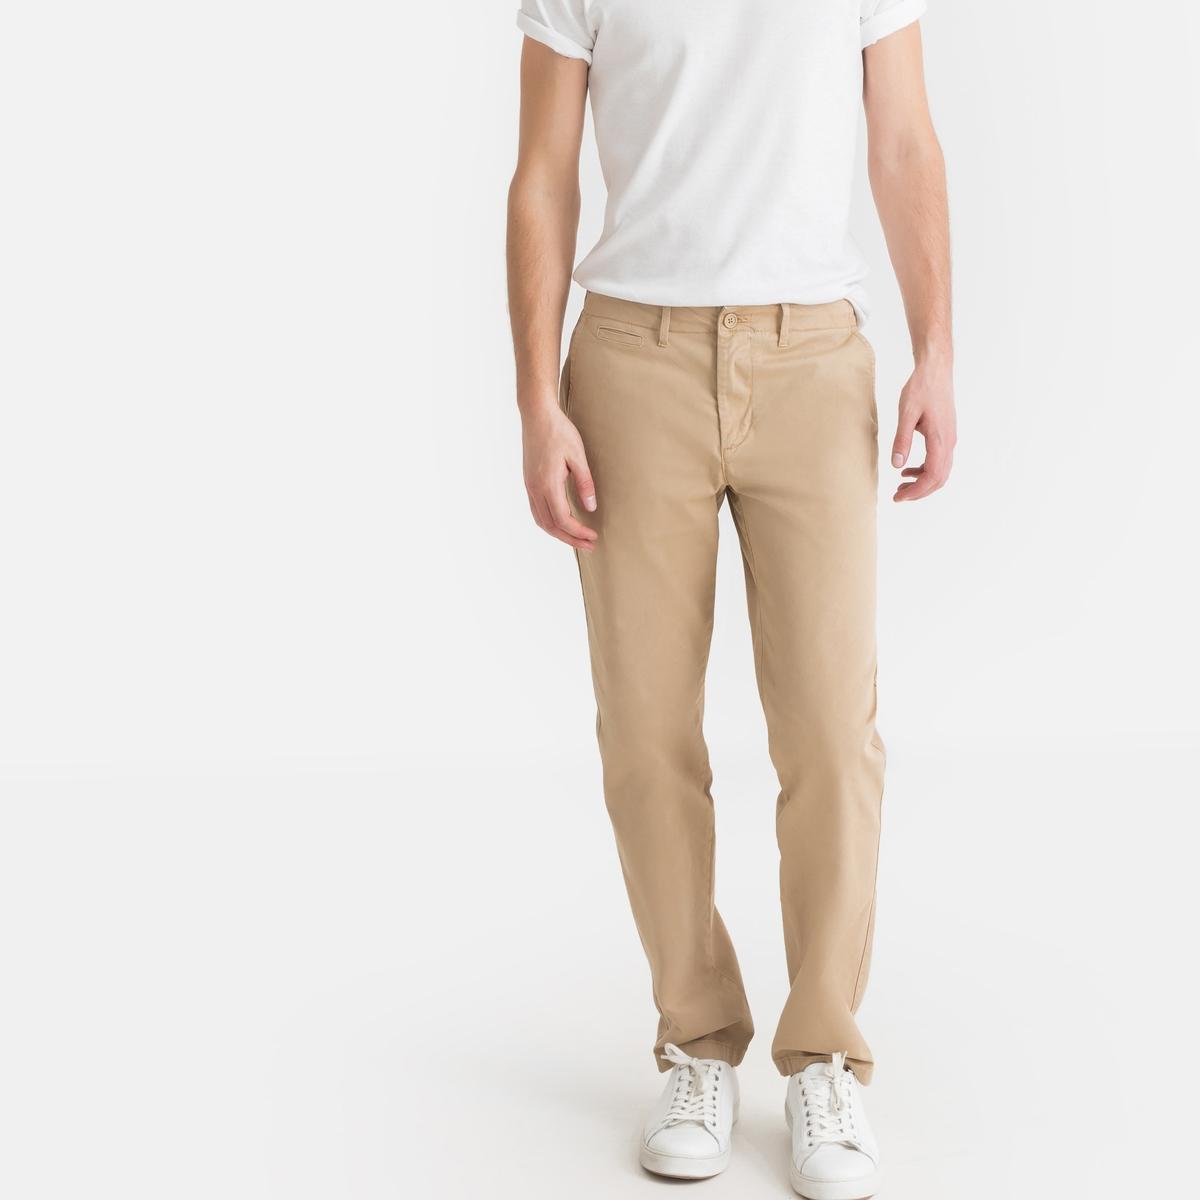 Calças chino corte direito, algodão stretch